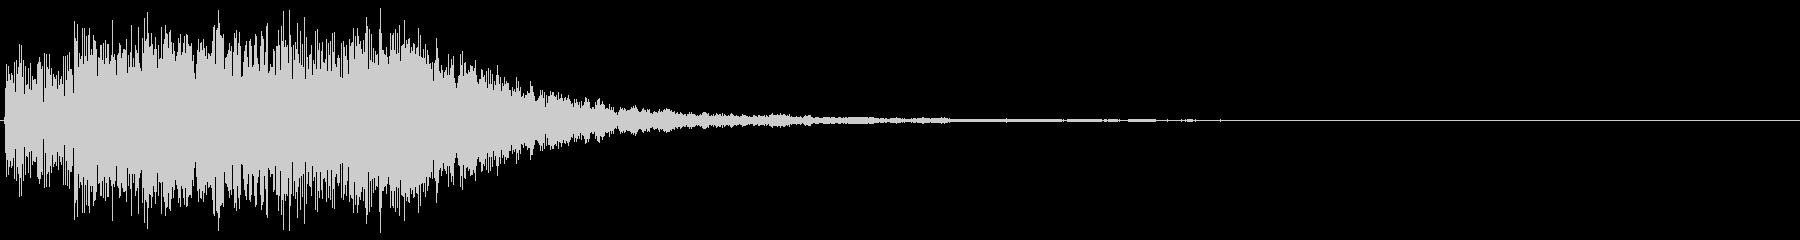 明るいアラーム音(鐘、ベル)の未再生の波形